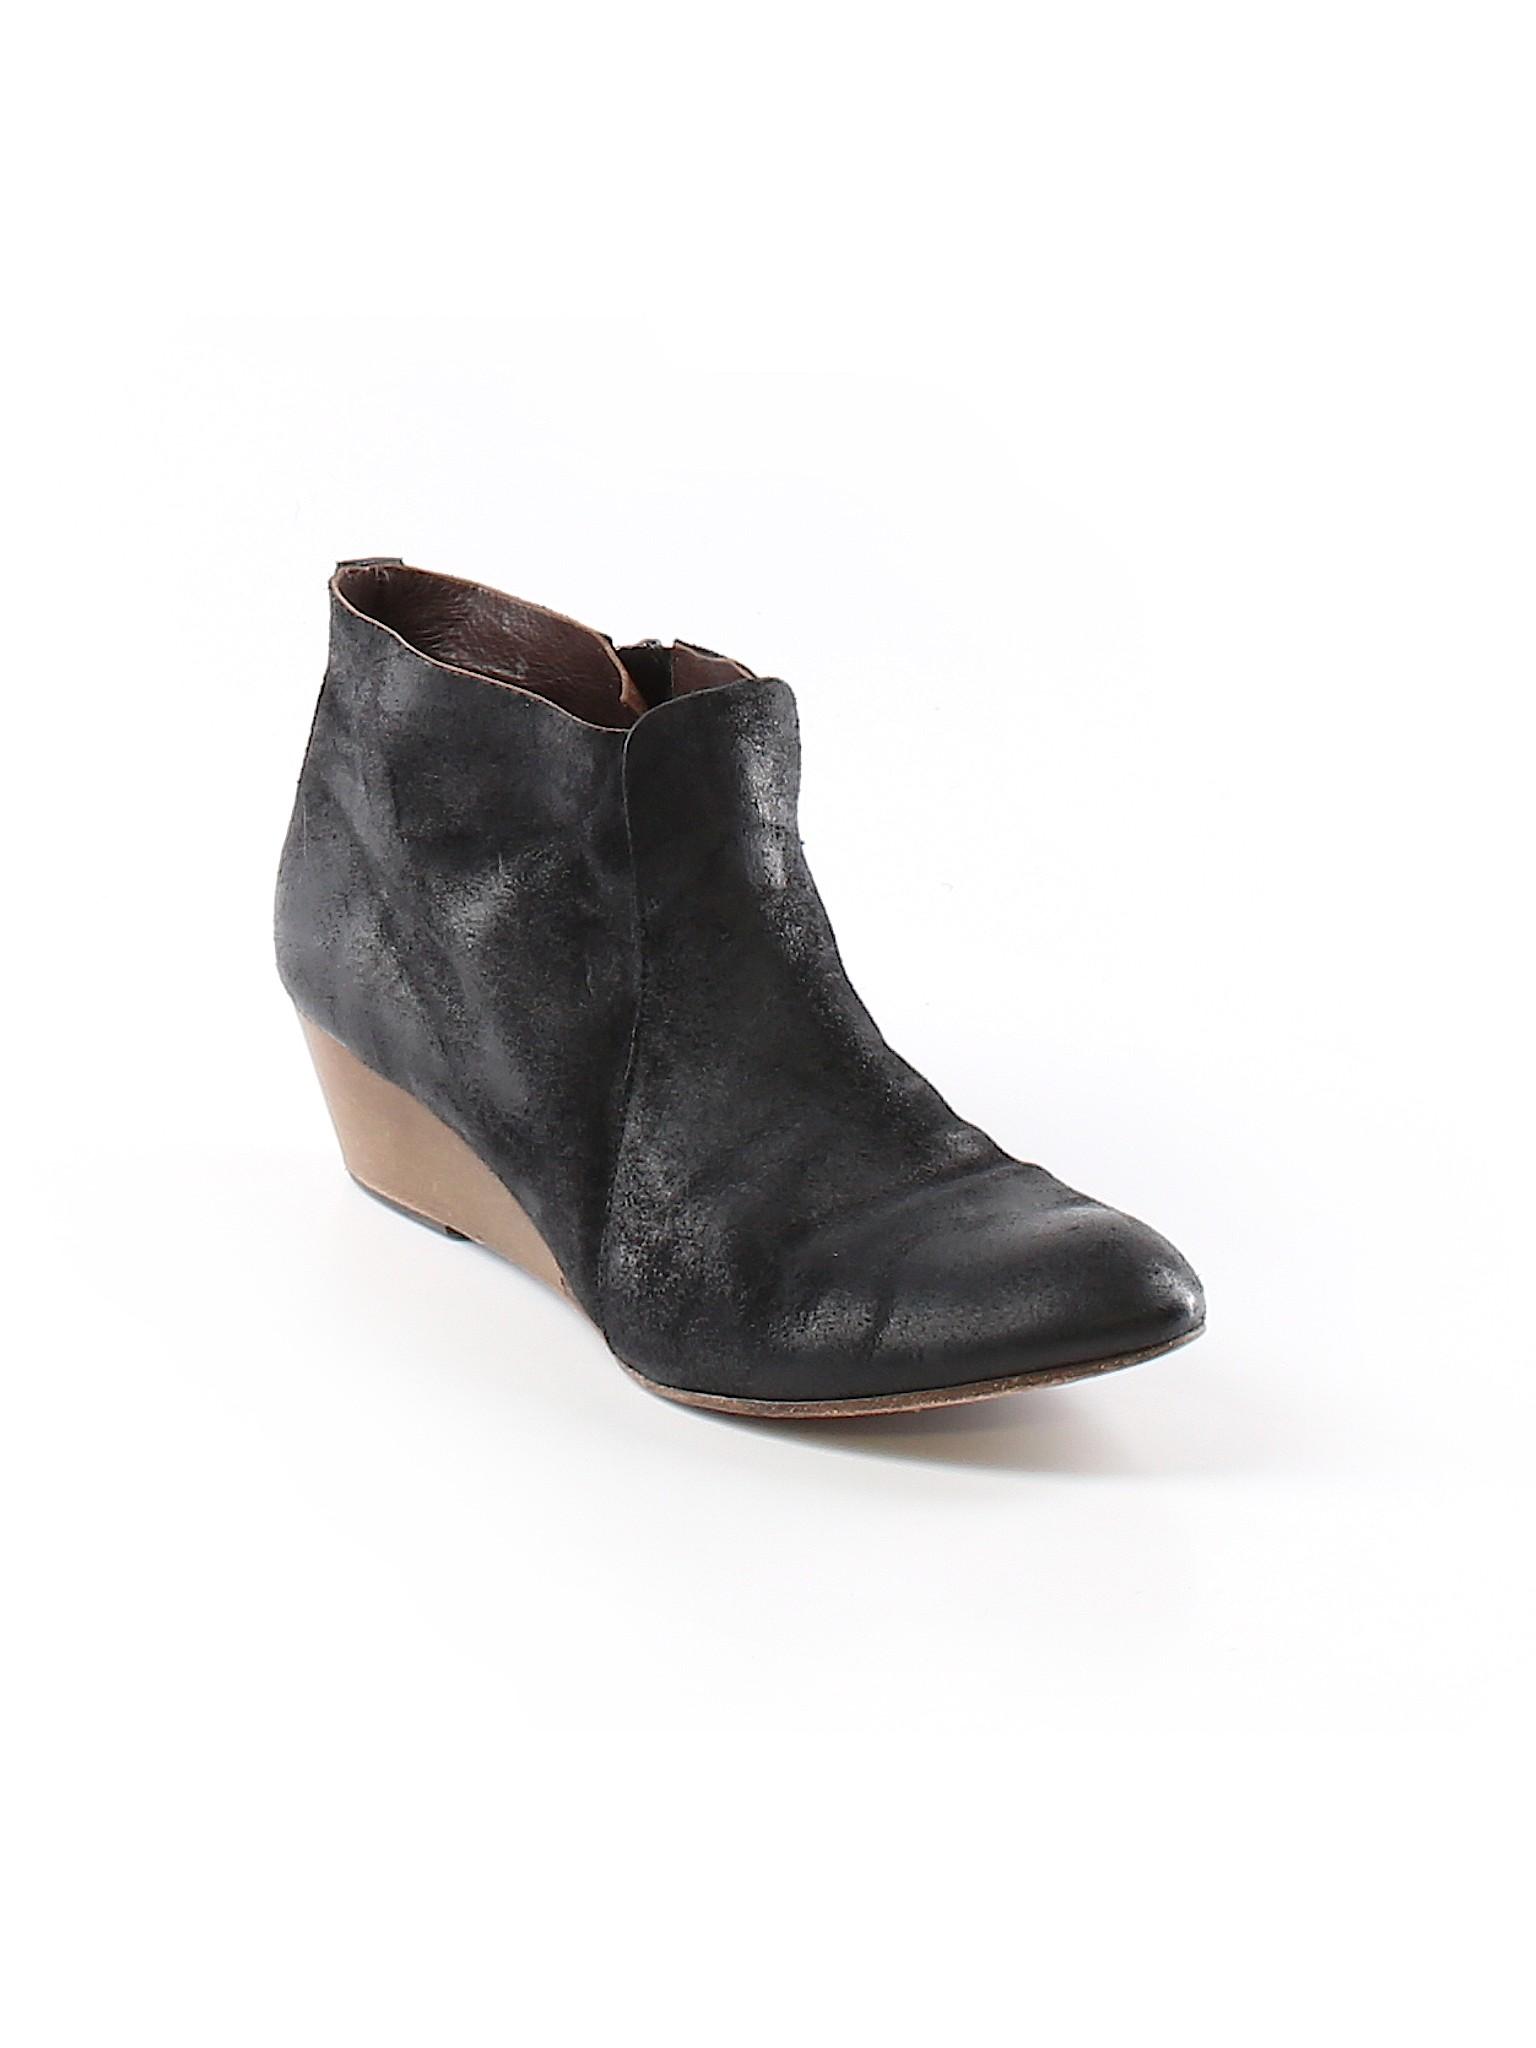 Boots Ankle promotion Coclico Boutique Boots Boutique promotion Coclico Boutique Ankle OpIwvzqxt